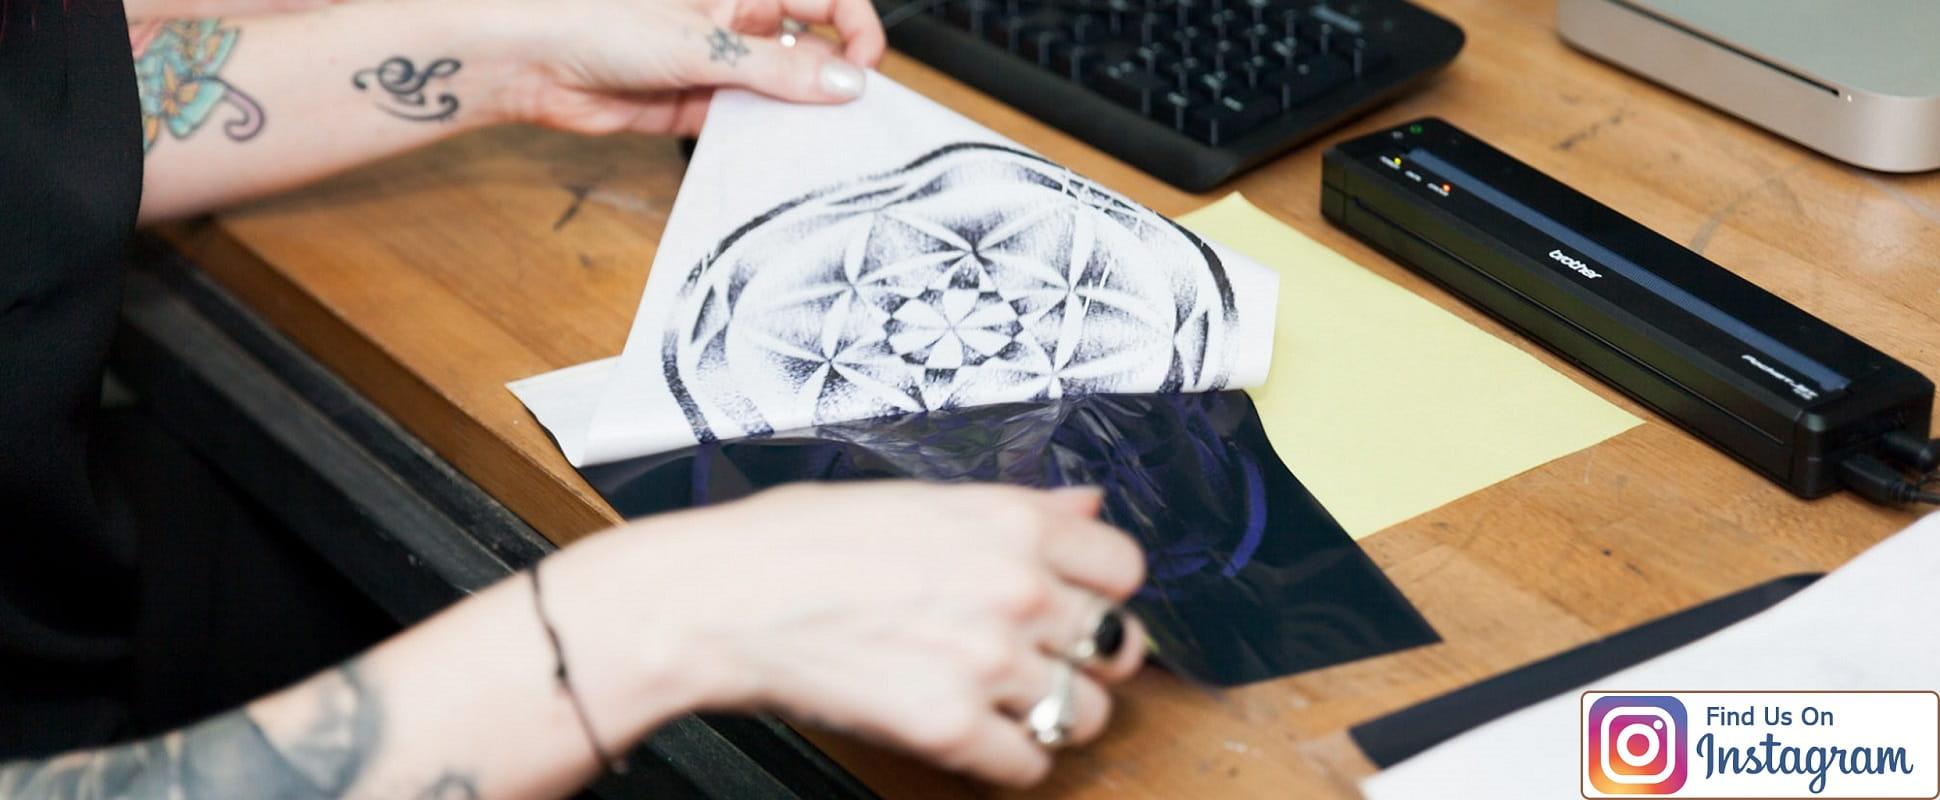 Stencil geometrico per tatuaggio stampato con Brother Stencil Machine PJ-723 con logo instagram